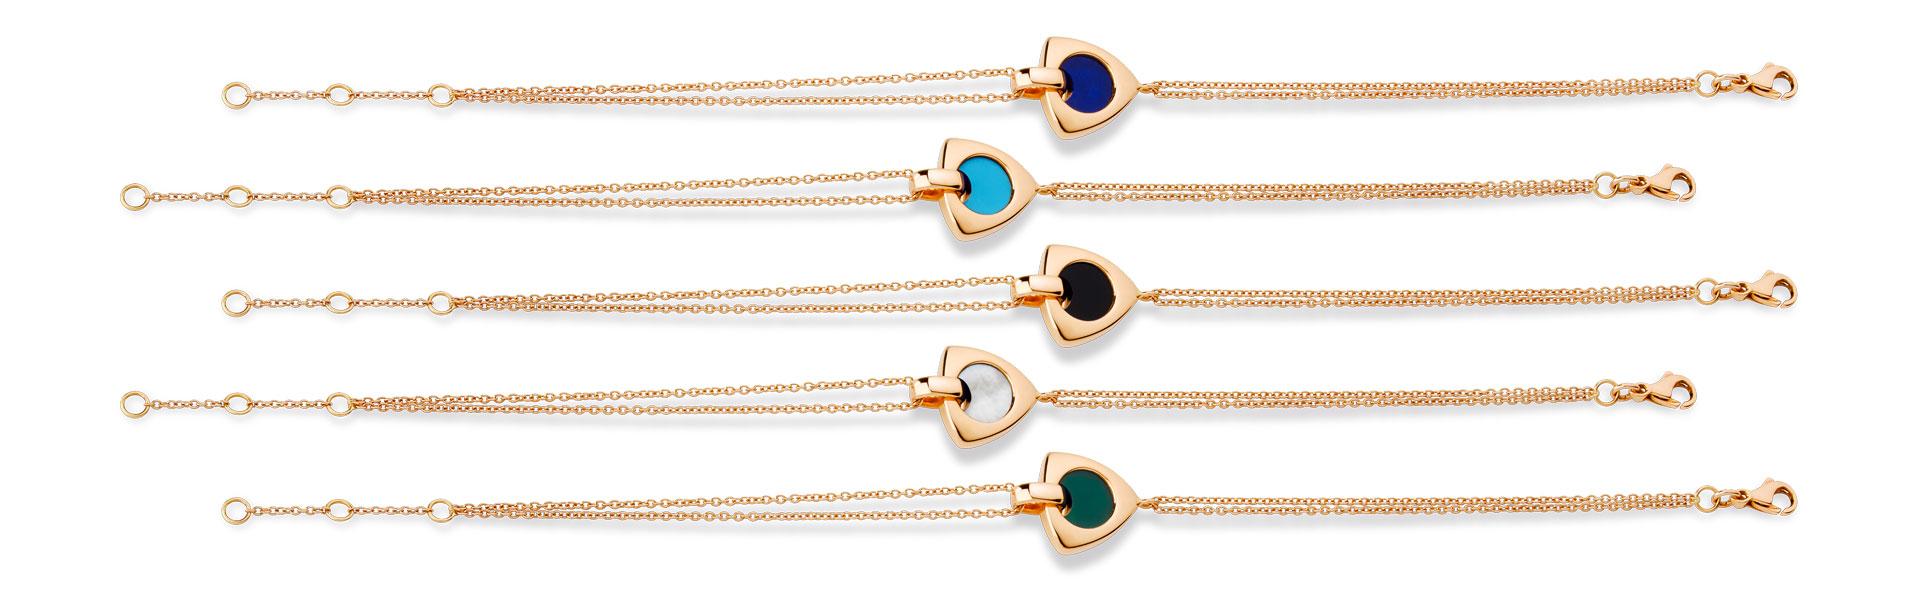 Symbol by Tollet Bracelets